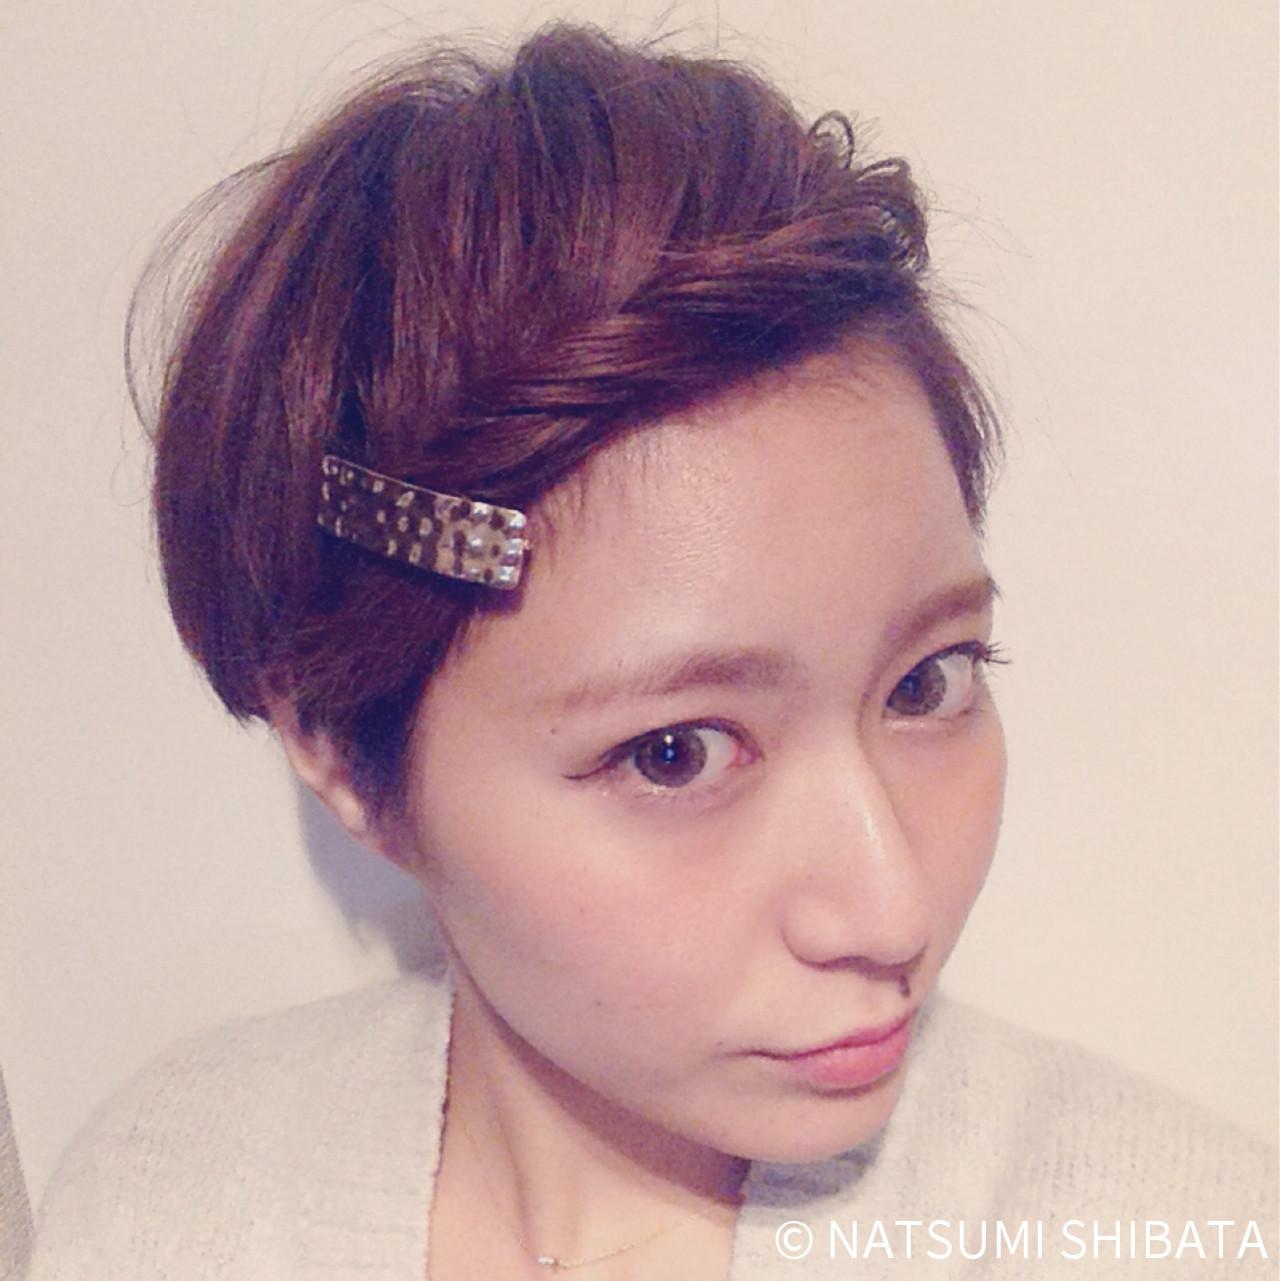 かんたんねじりテクもヘアアクセで華やか NATSUMI SHIBATA | ALBUM